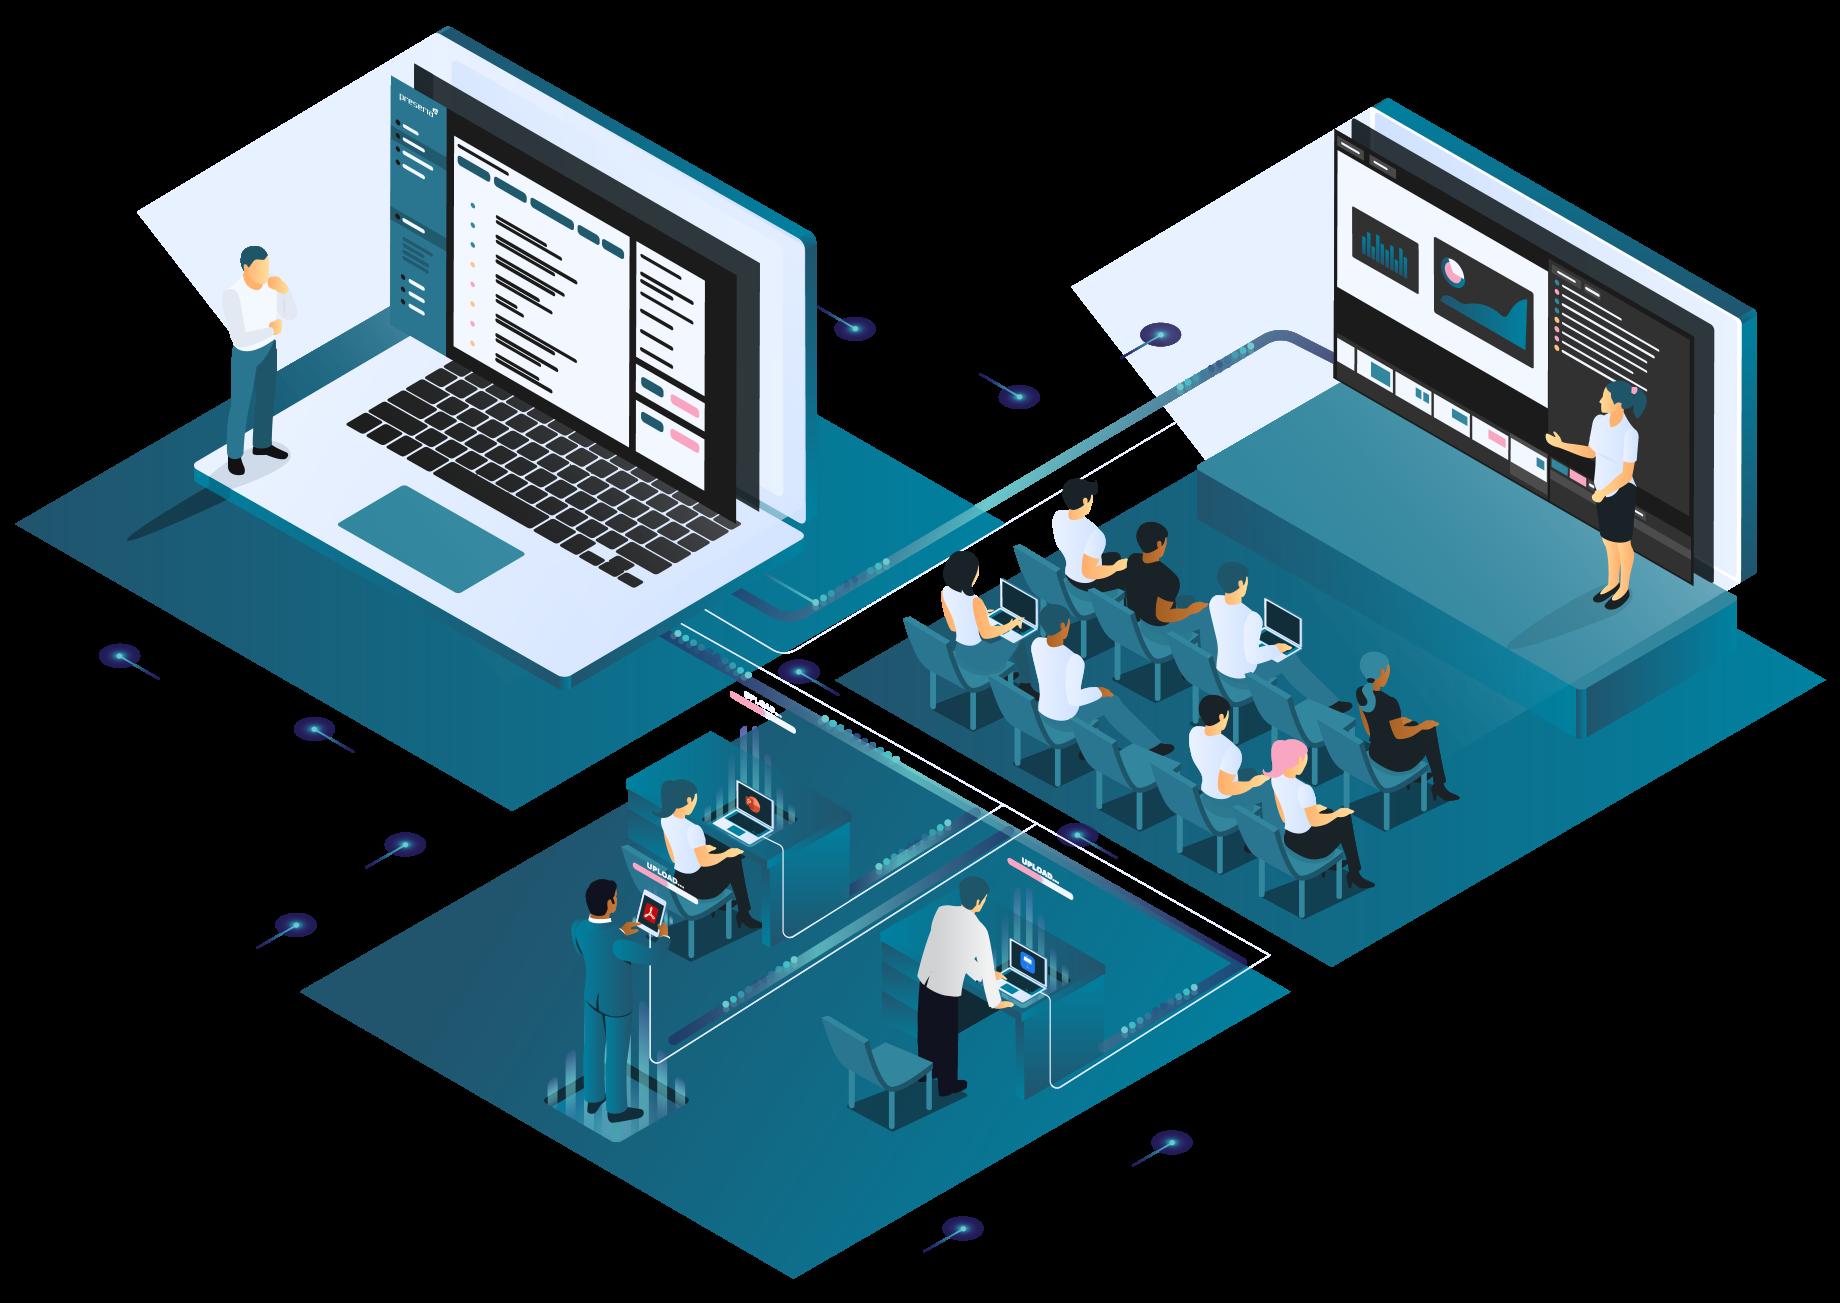 presentation management software